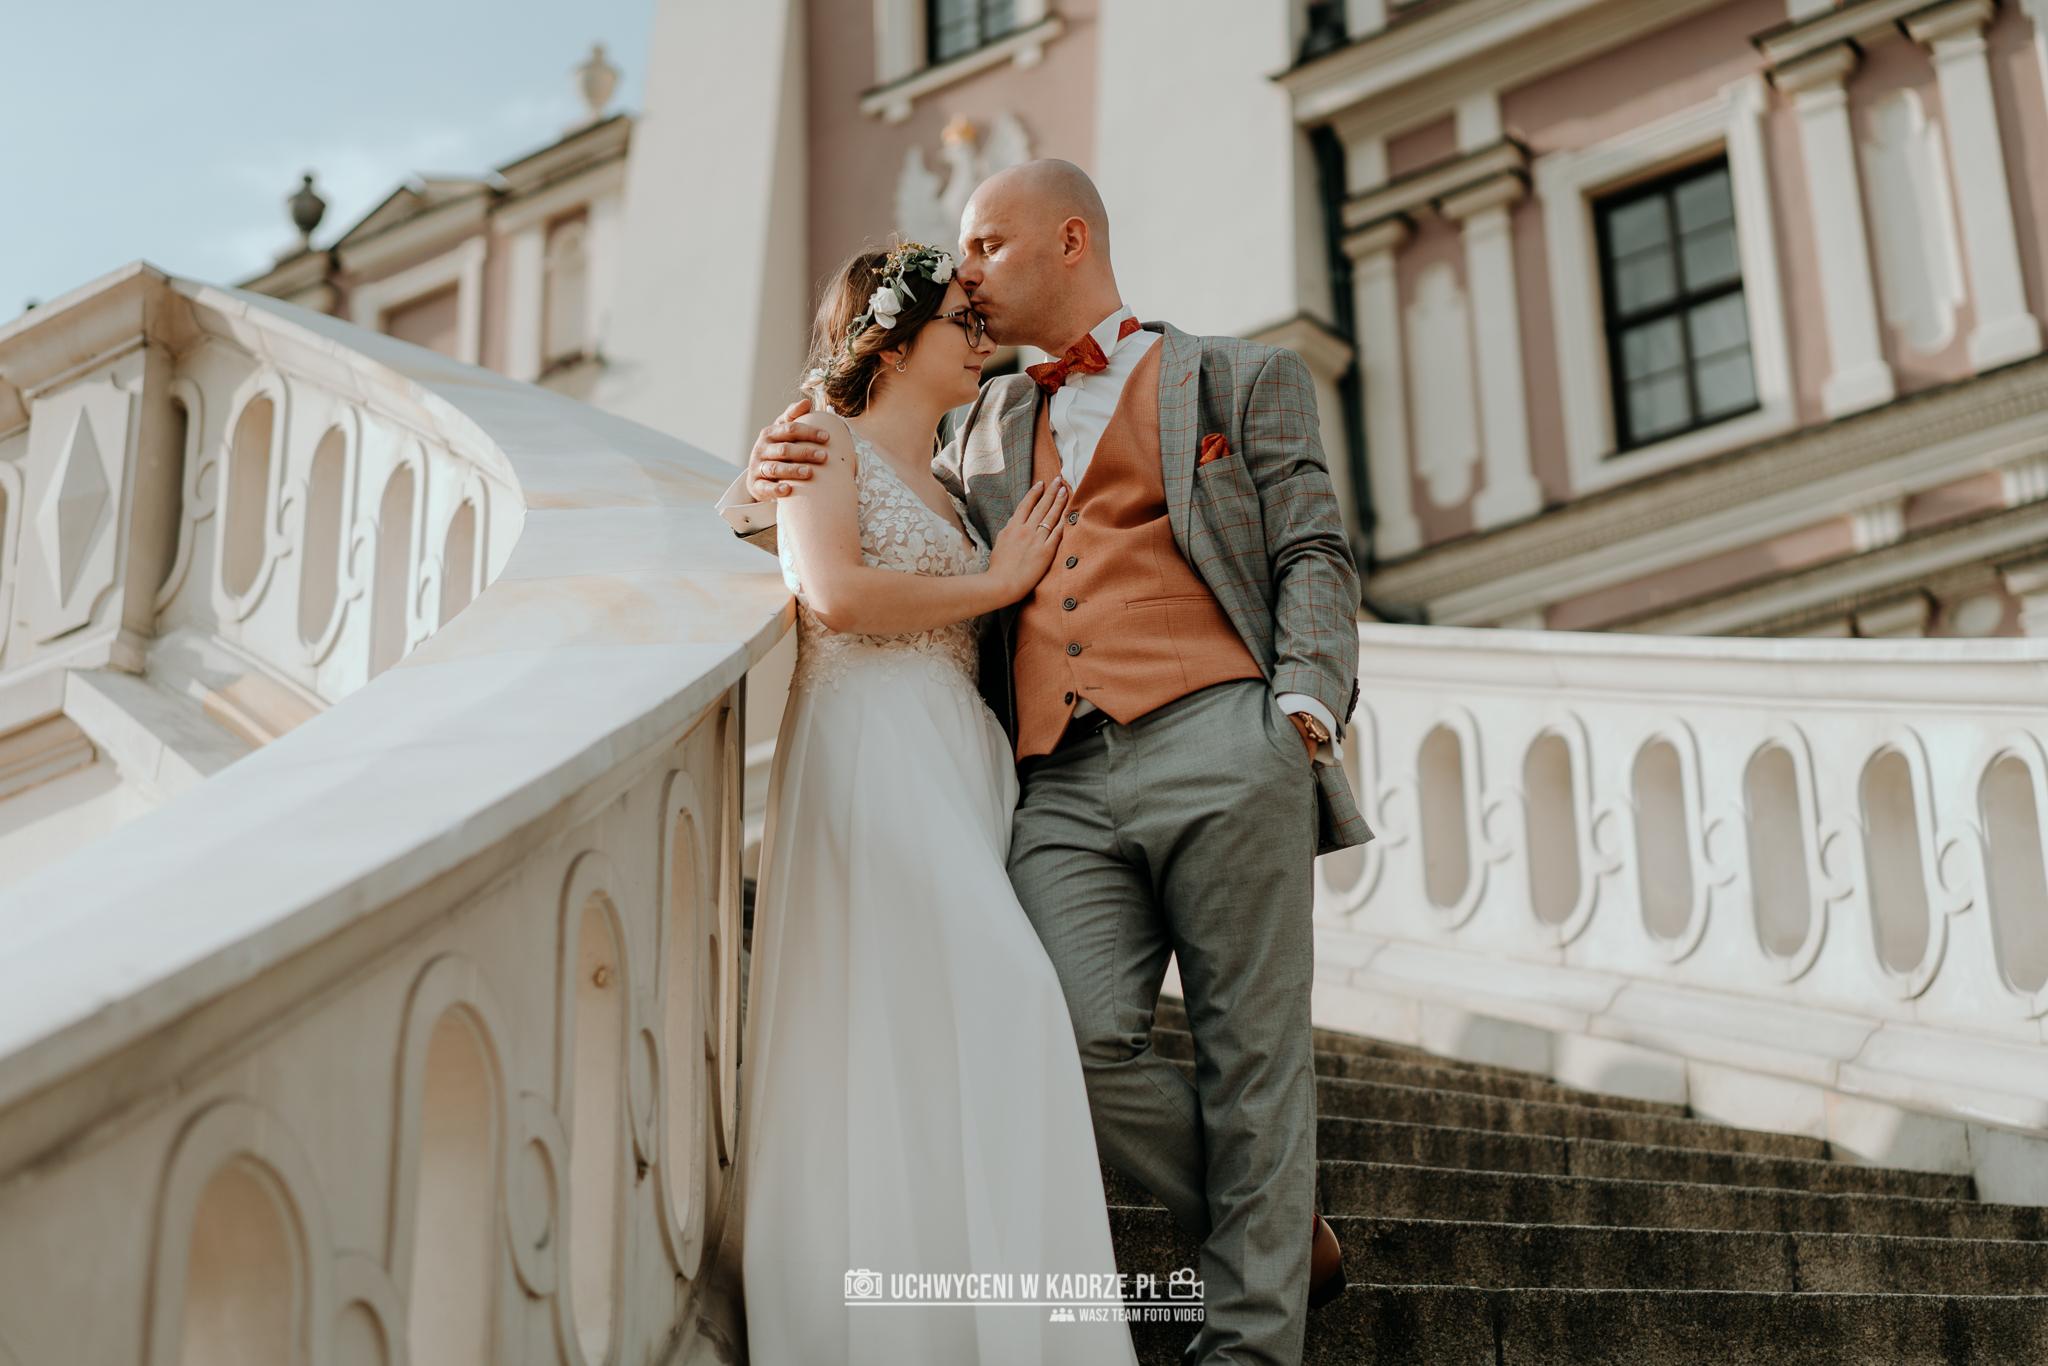 Iza Bartek Sesja slubna Zamosc 54 - Sesja Ślubna - Zamość | Iza & Bartek